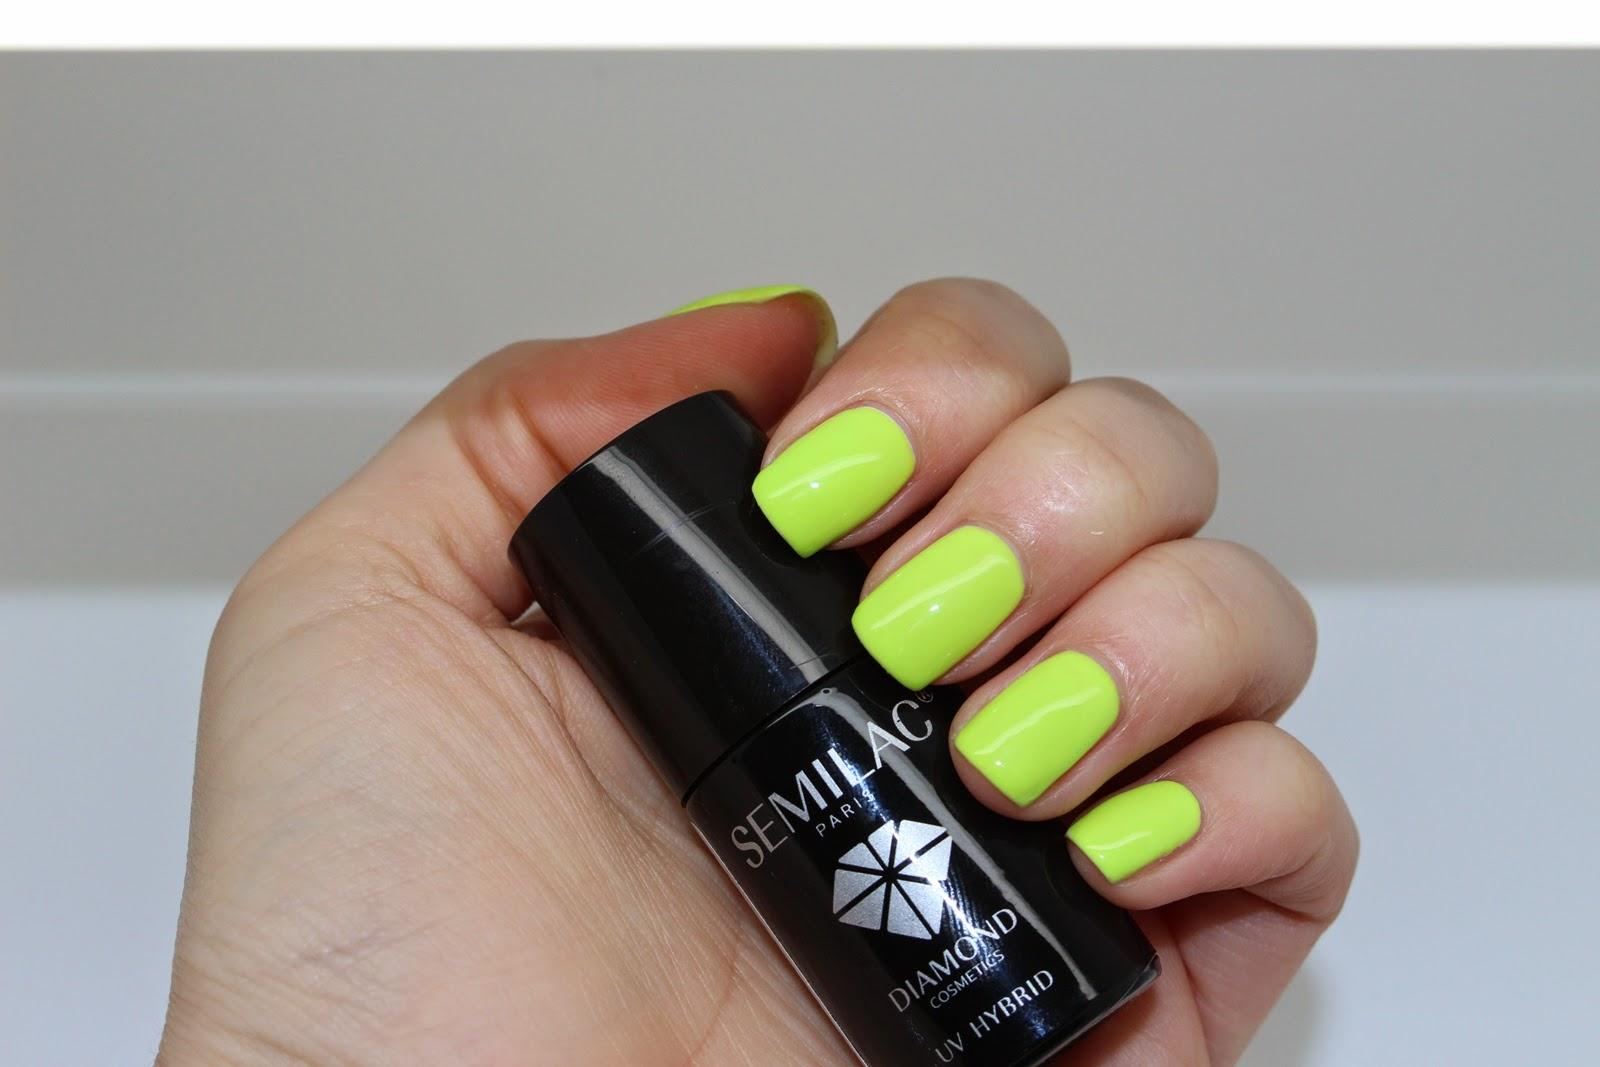 Lakier hybrydowy Semilac 143 Fresh Lime zielony neon żółty lakier lato neonowe paznokcie hybryda neonowa zieleń zielony rażący kolor intensywny hybrydowe gel neon nails gelpolish poland nails fluo color summer paznokcie na lato intensywne kolorki